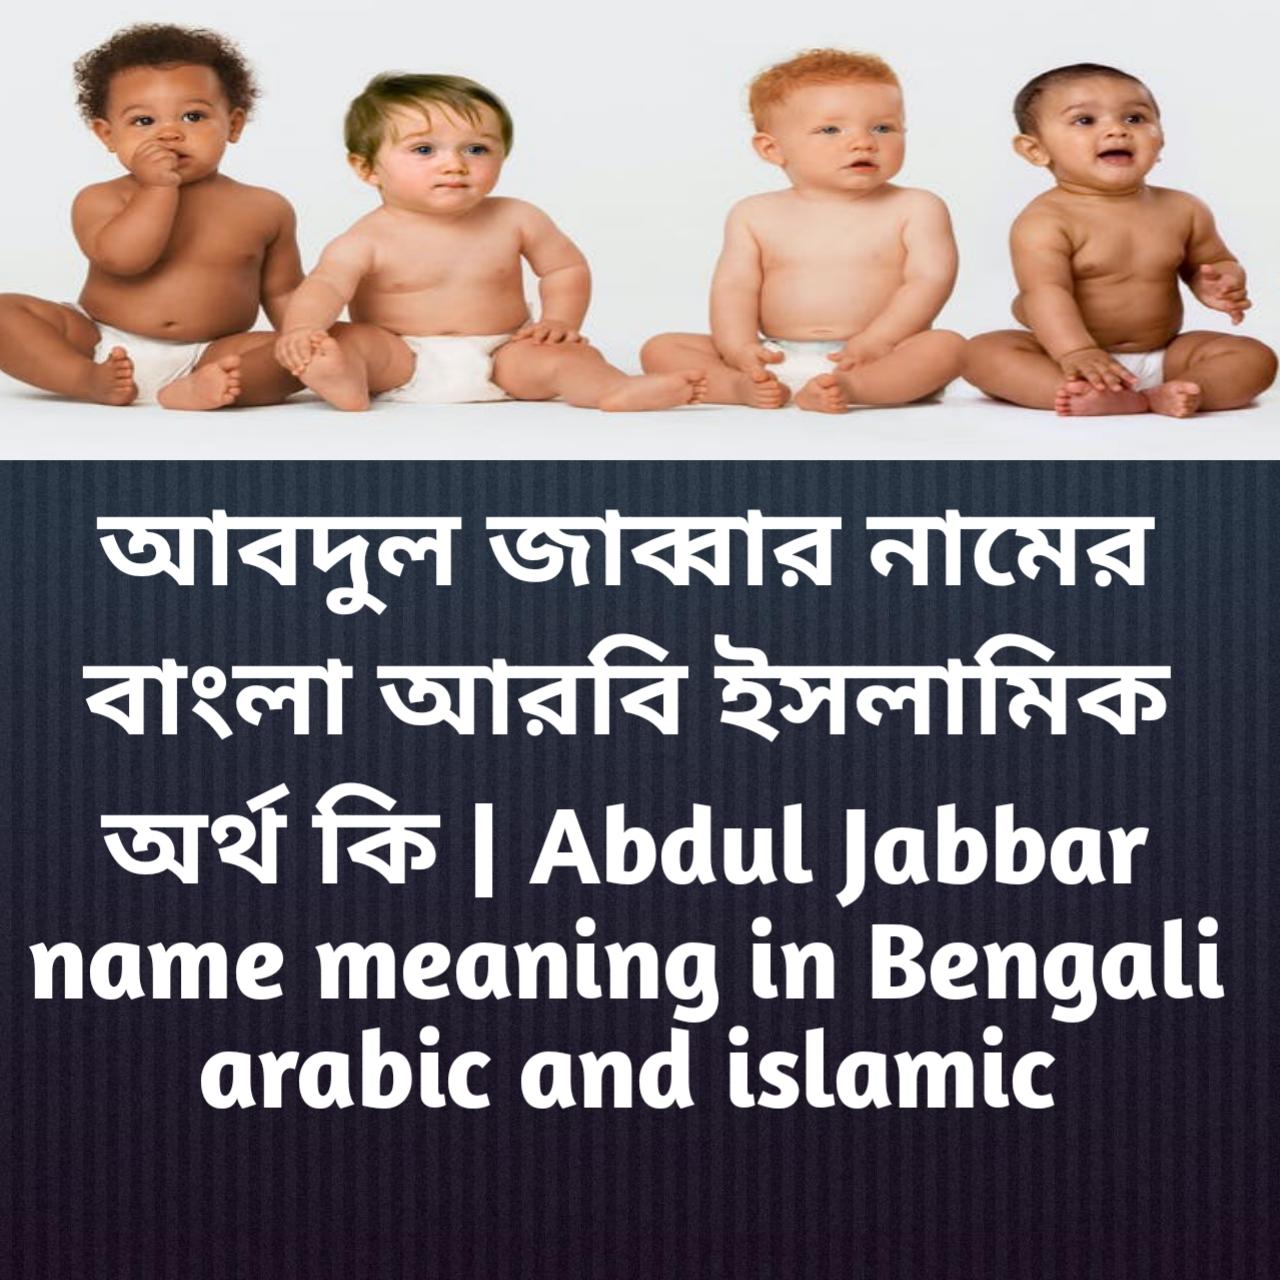 আবদুল জাব্বার নামের অর্থ কি, আবদুল জাব্বার নামের বাংলা অর্থ কি, আবদুল জাব্বার নামের ইসলামিক অর্থ কি, Abdul Jabbar name meaning in Bengali, আবদুল জাব্বার কি ইসলামিক নাম,